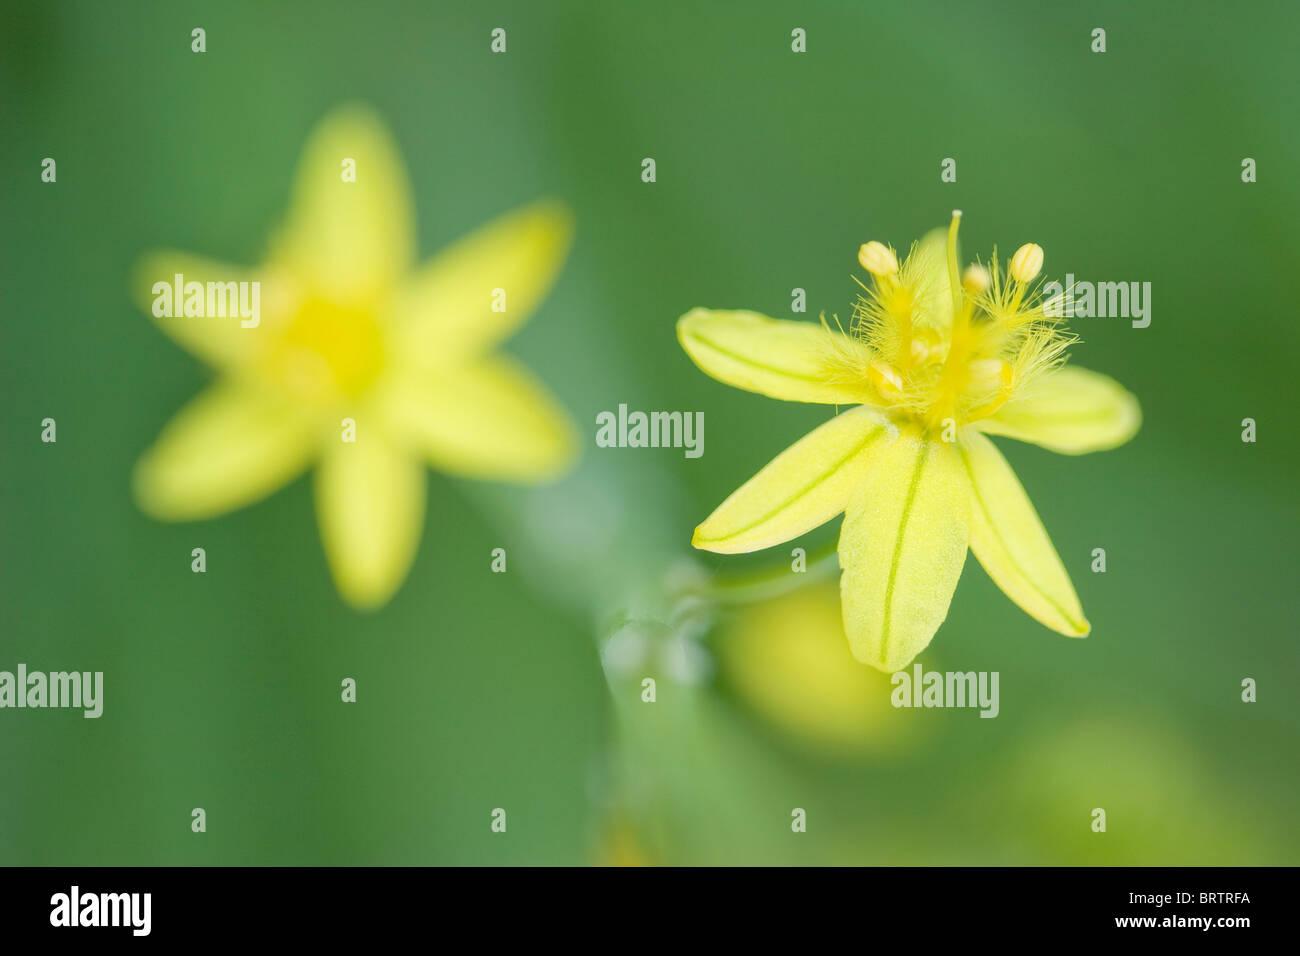 Gelb blühende Form von Bulbine Frutescens in Makro mit glatten grünen Hintergrund Stockbild